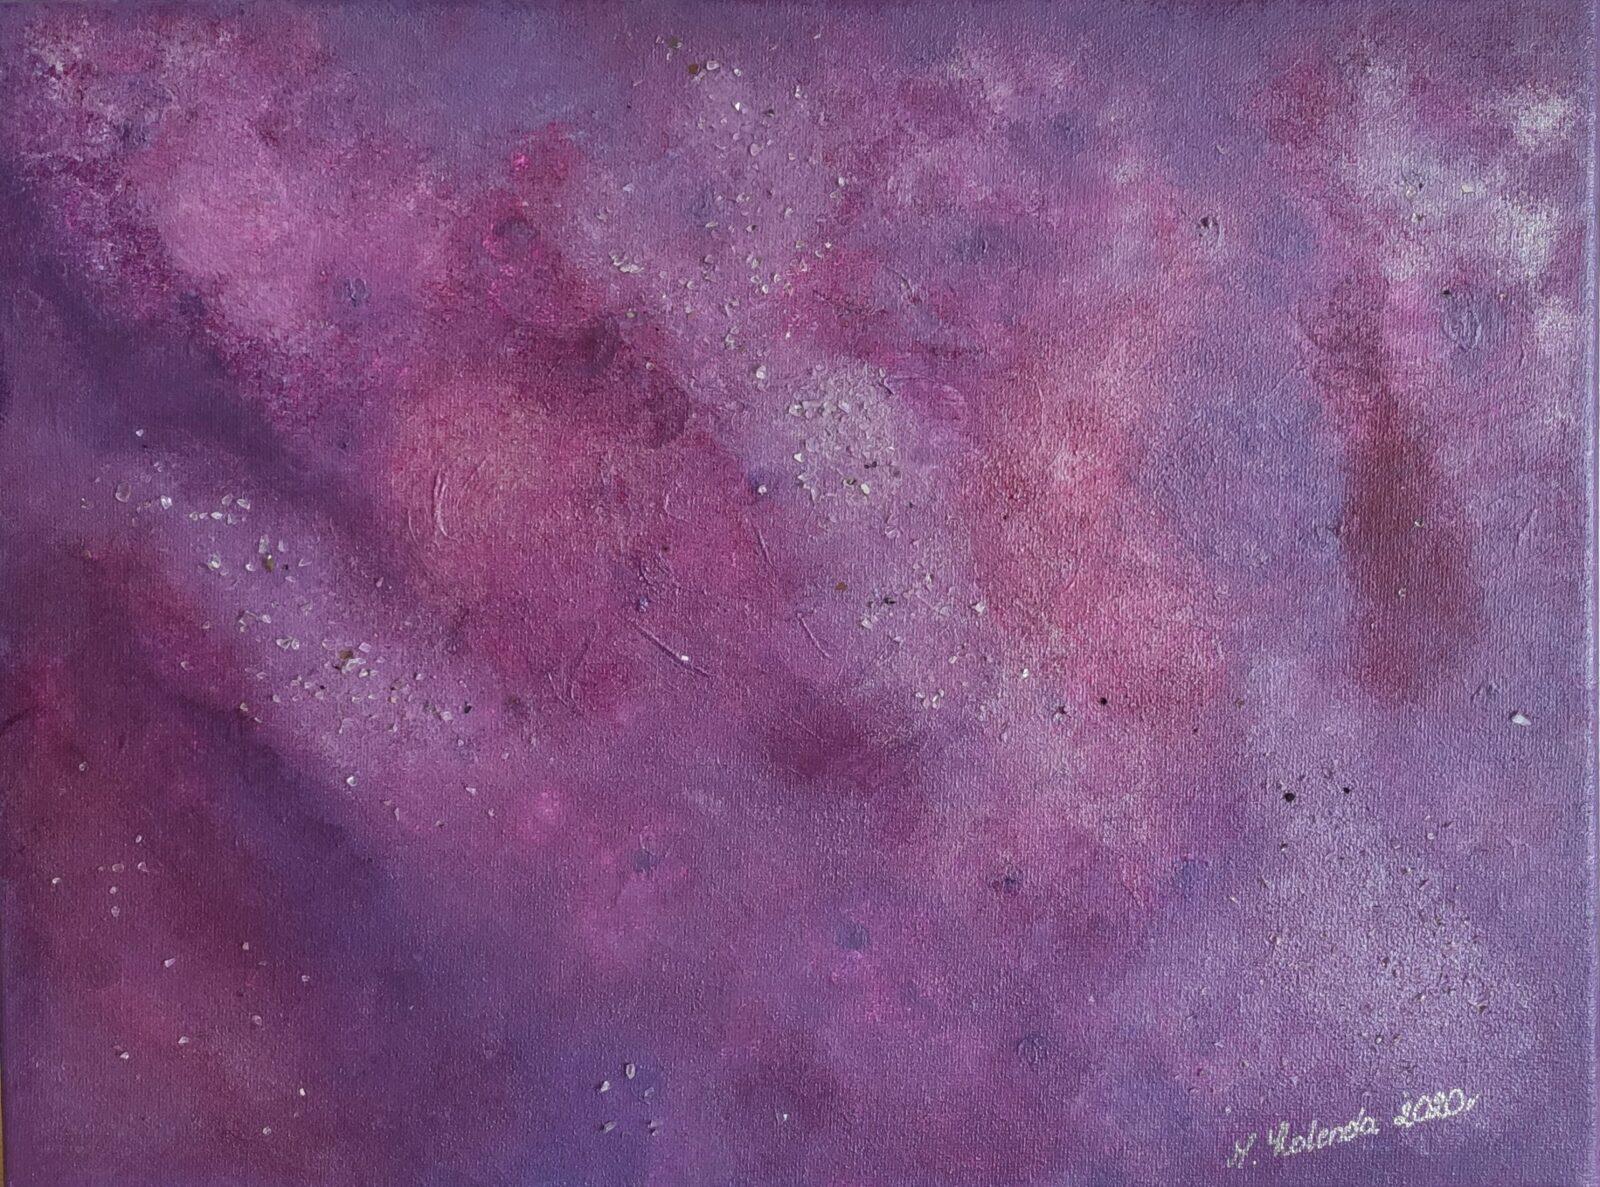 Cosmos - Marta Kolenda